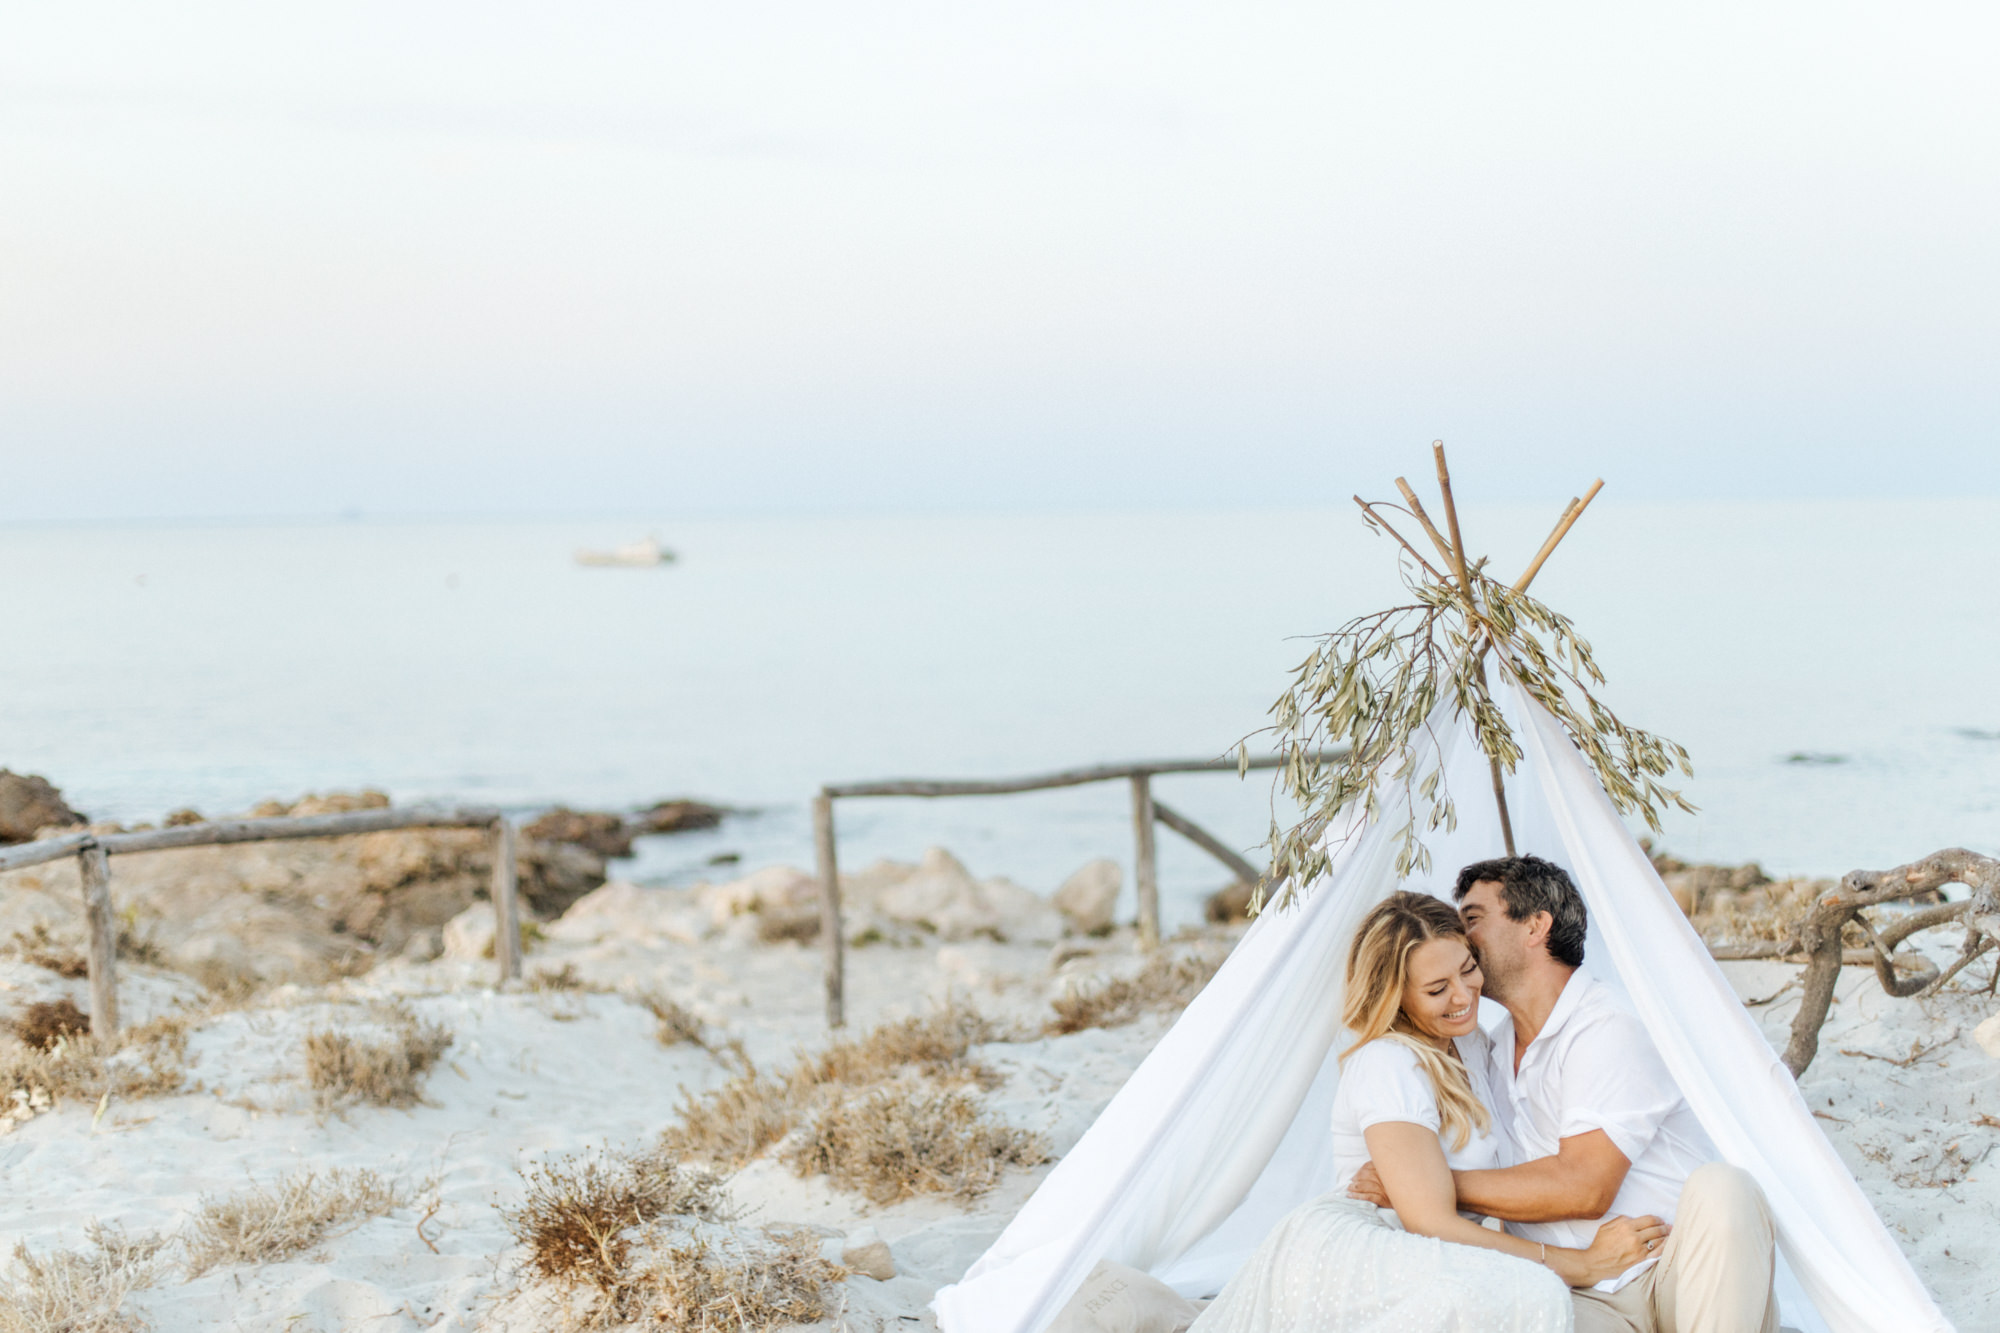 Elopement-Shooting am Strand von Sardinien fotografiert von Yvonne & Rolland Photography